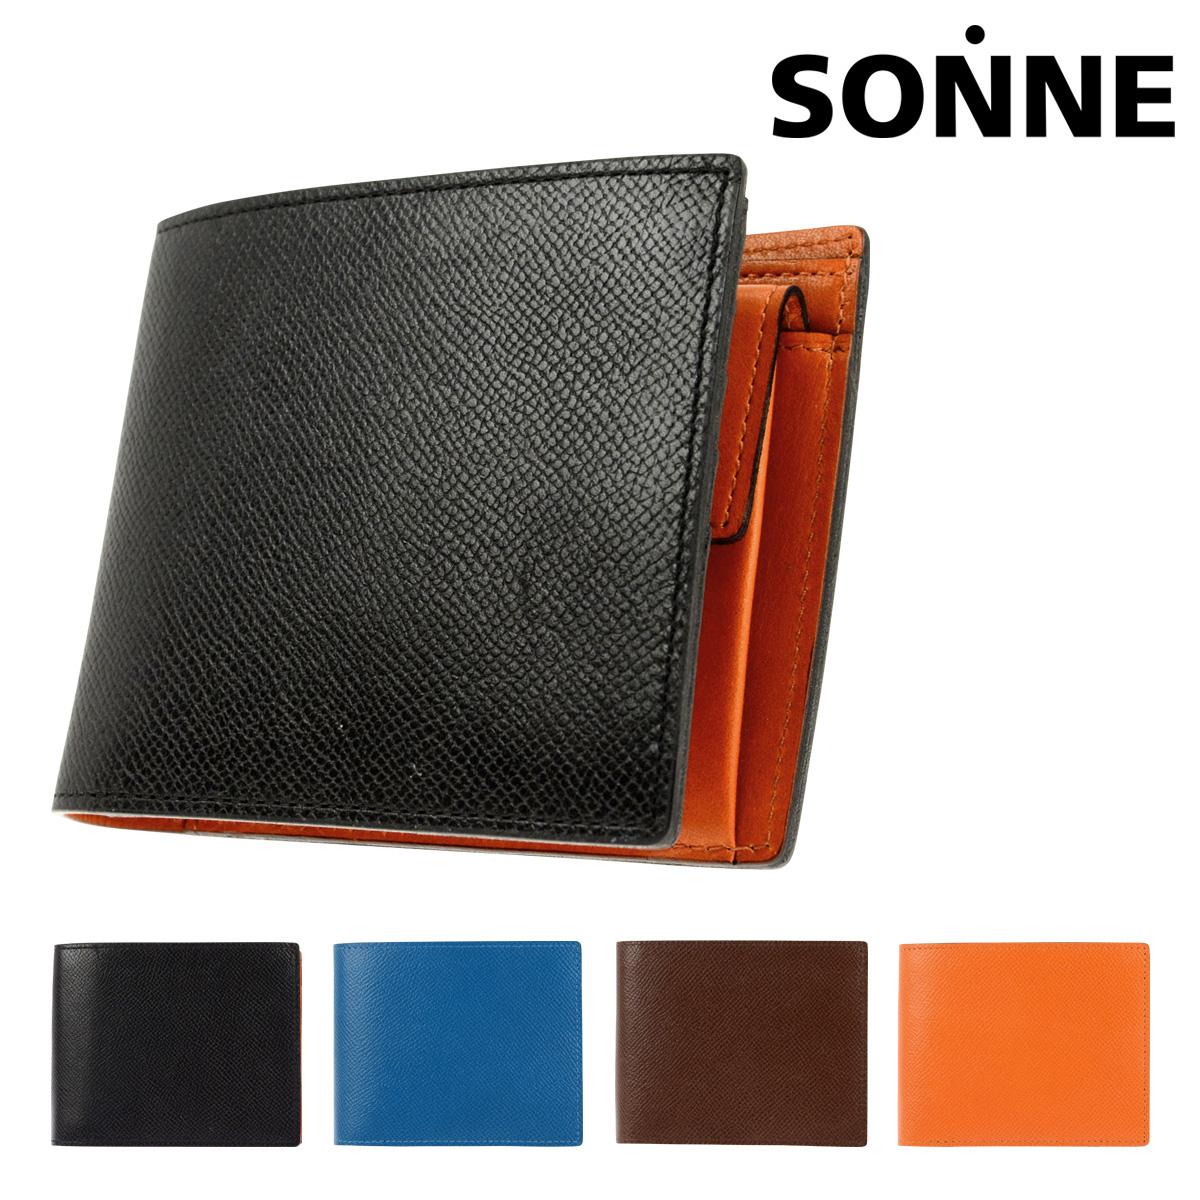 637a6f770349 ゾンネ 二つ折り財布 チェルケス メンズ SOZ005 SONNE | 本革 レザー ブランド専用BOX付き